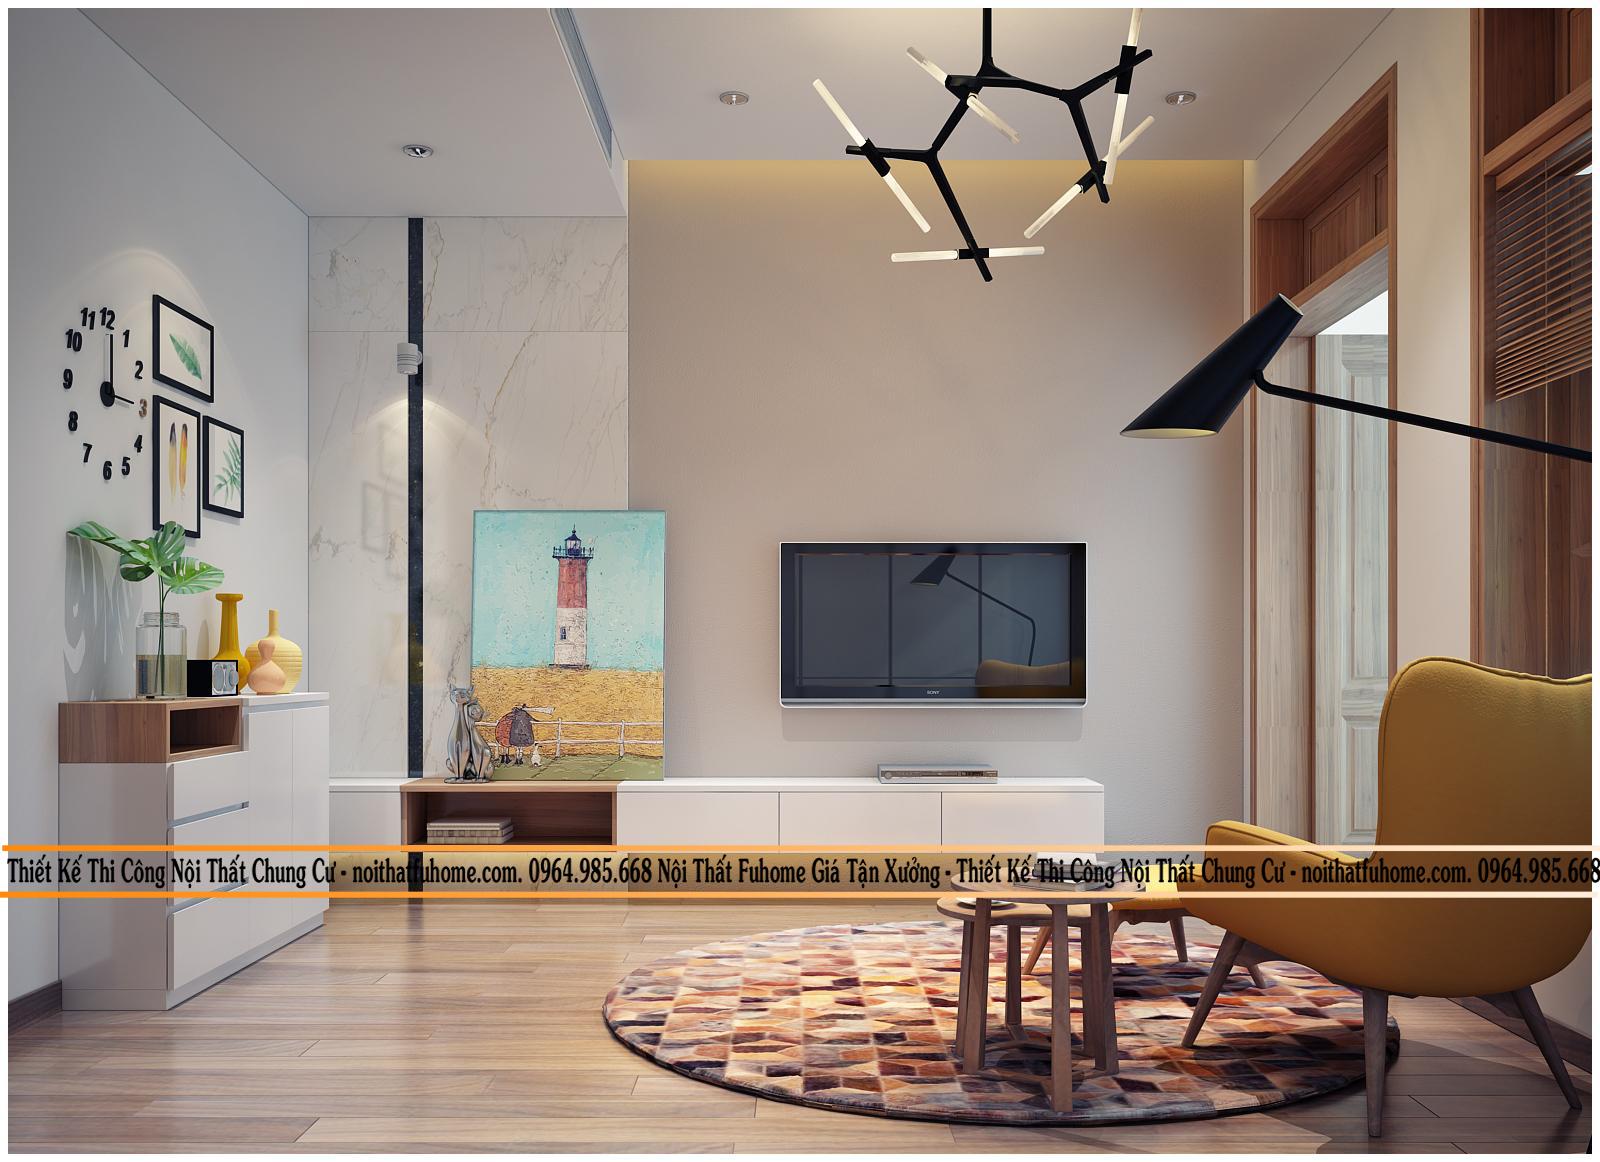 Thiết kế nội thất chung cư 75m2 cho căn hộ đẹp mãn nhãn